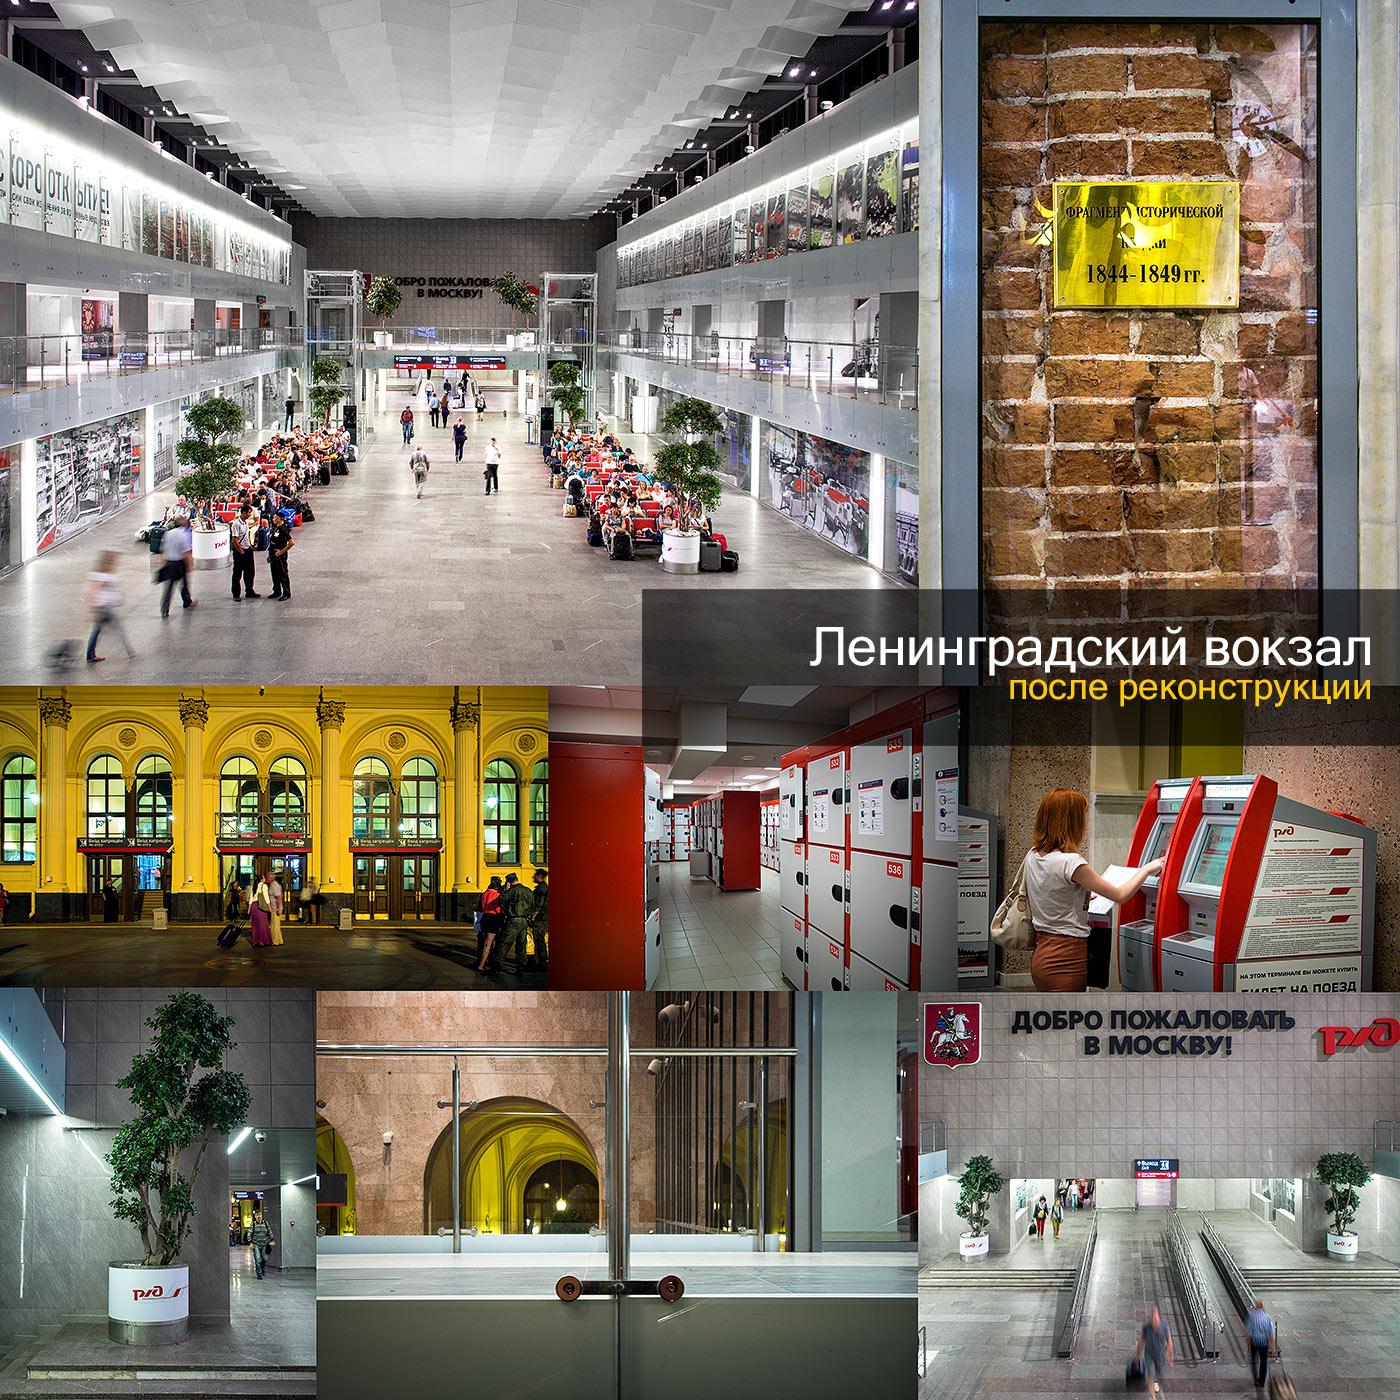 Реконструированный Ленинградский вокзал в Москве